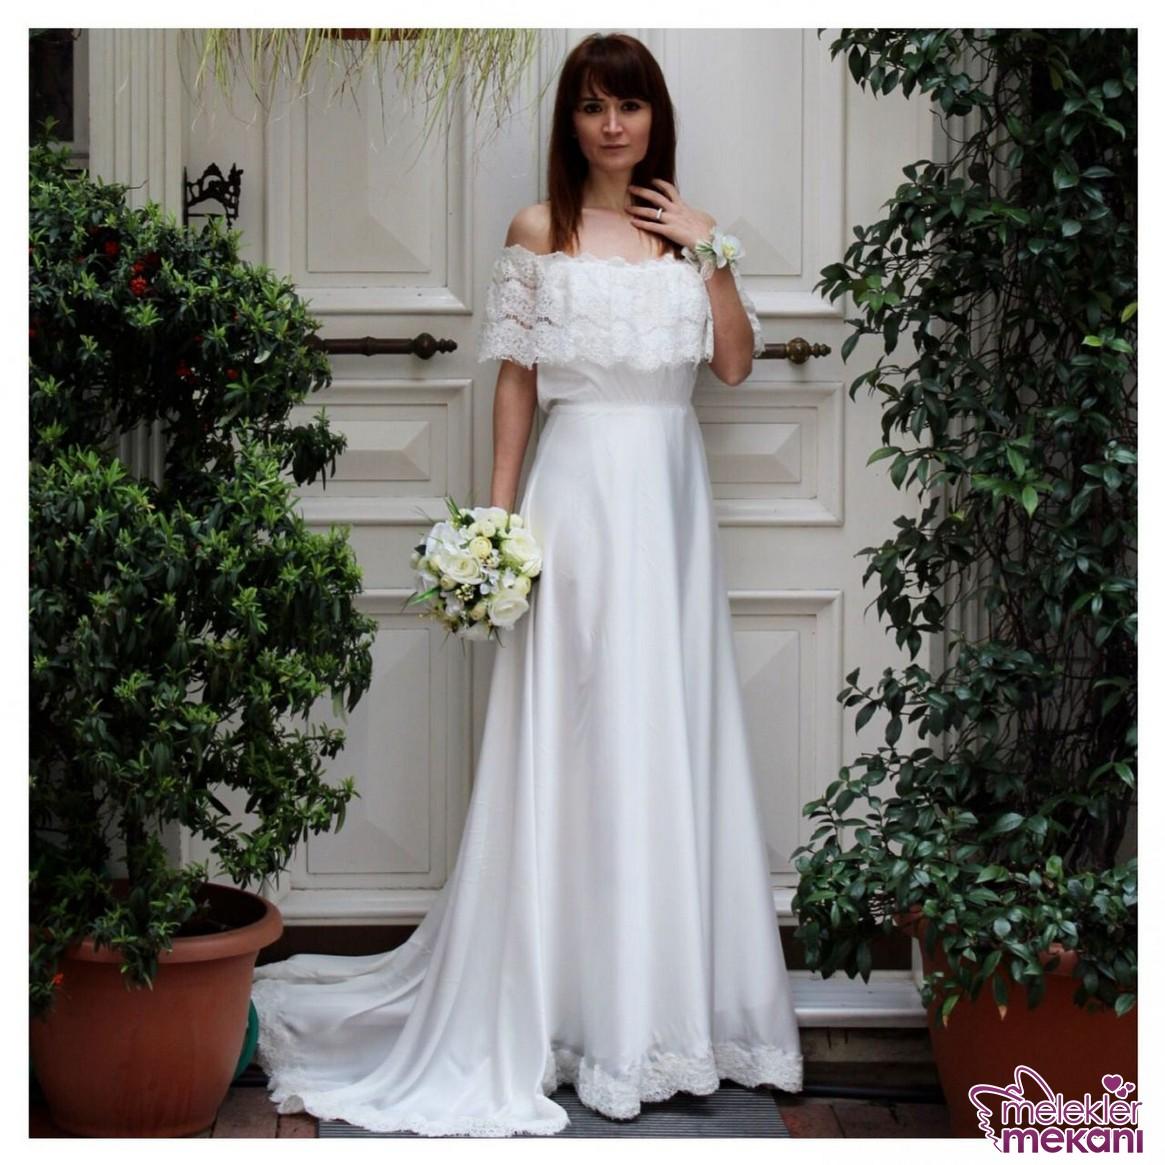 alev-senol-atolye-beyaz-dantelli-elbise-1.JPG